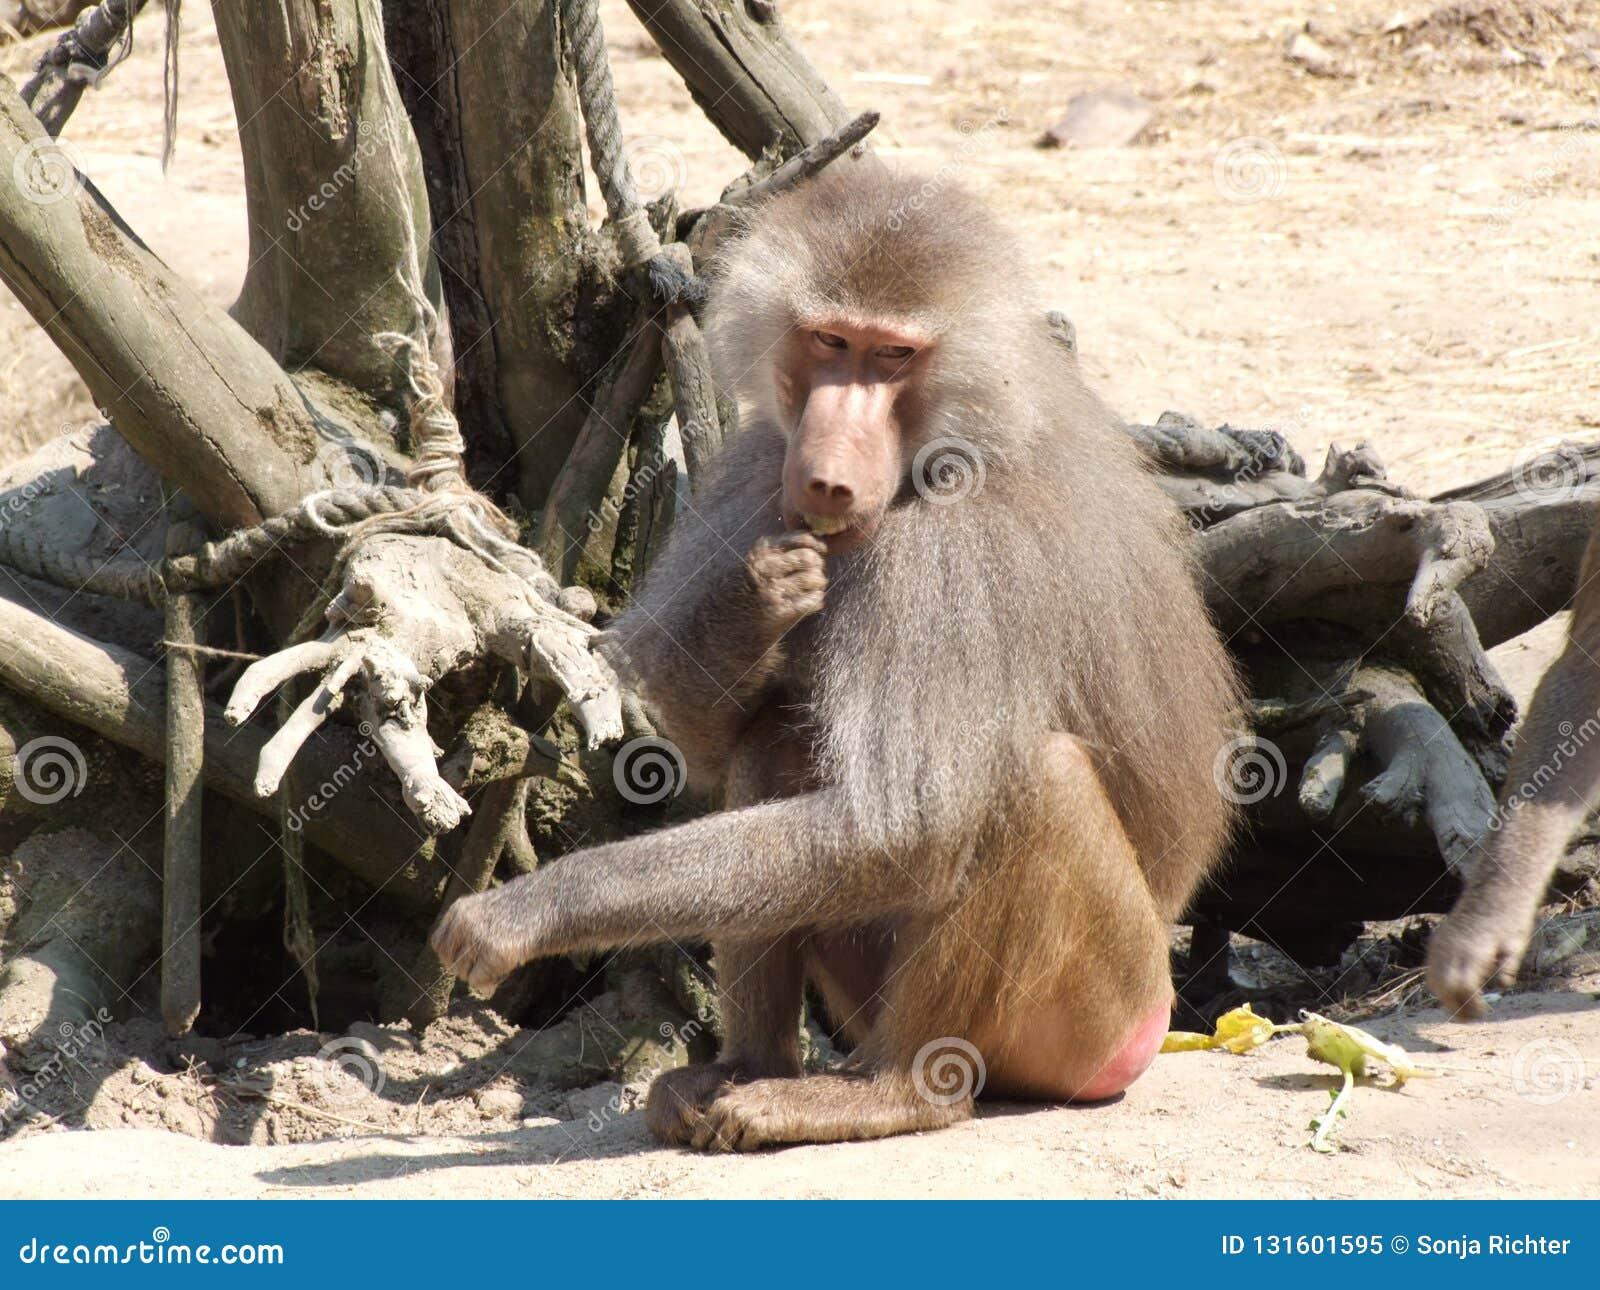 Baboon monkey in a zoo